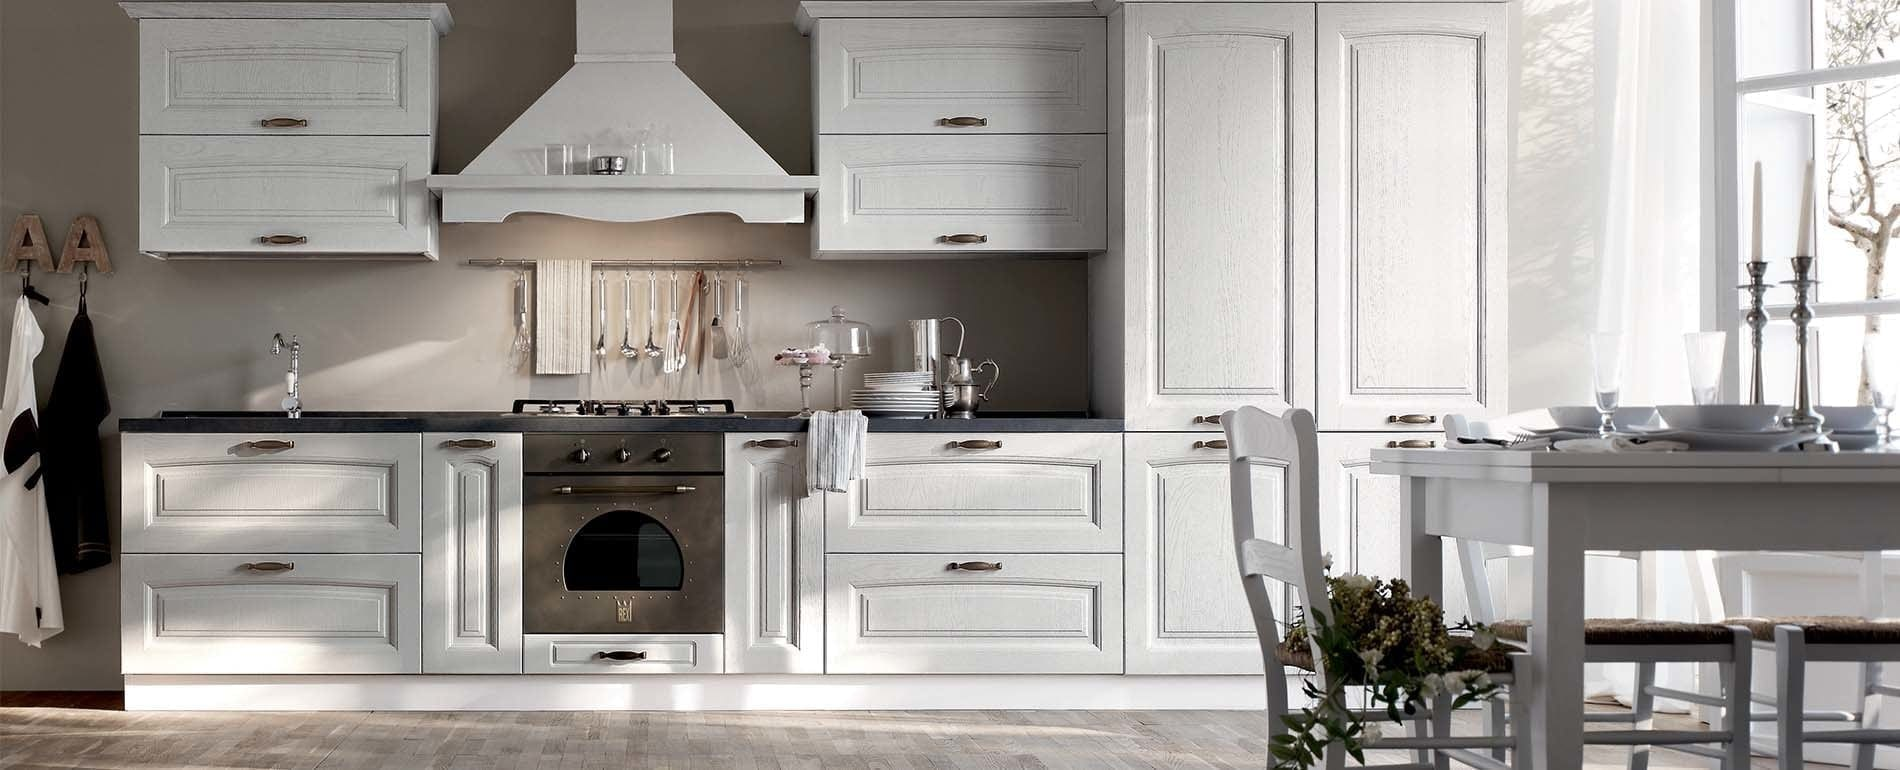 Pg arredamenti centro cucine su misura lucca firenze for Cucine immagini